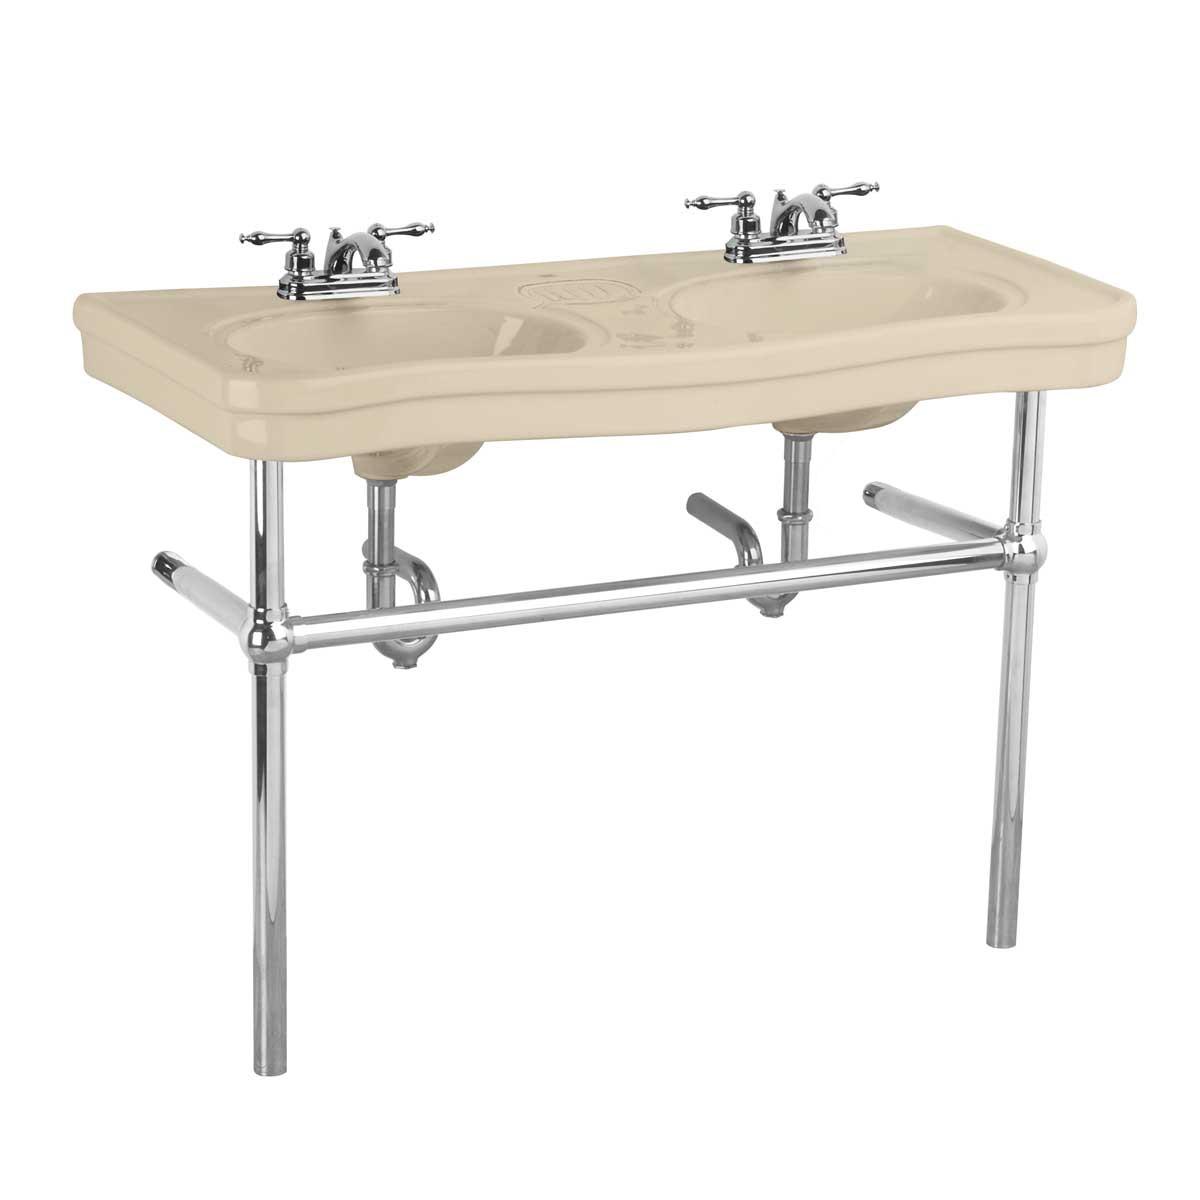 Bathroom Console Deluxe Double Sink 4 Quot Faucet Bone Chrome Leg